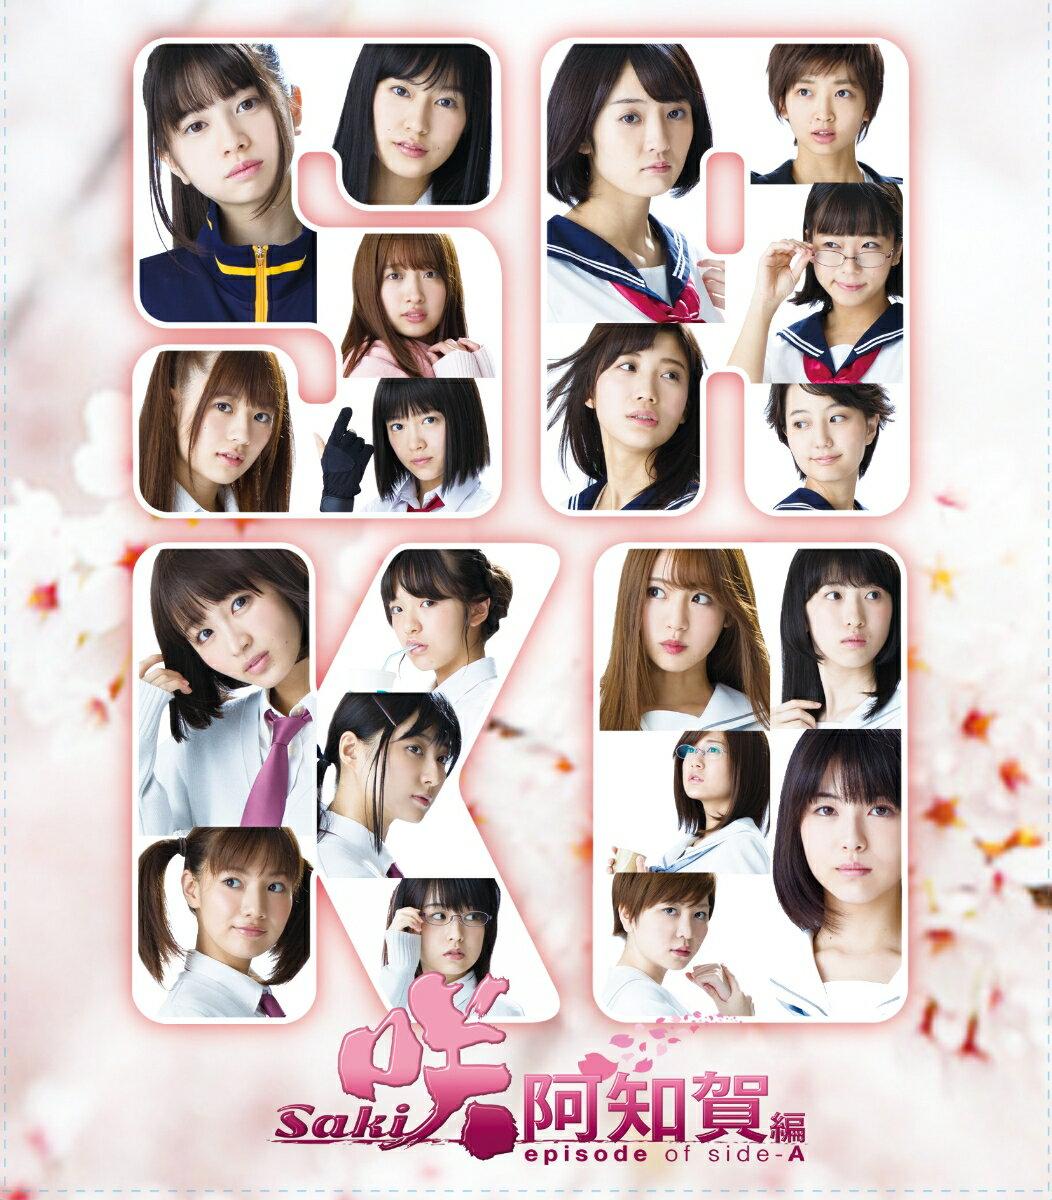 映画「咲 -Saki- 阿知賀編 episode of side-A」完全生産限定版 Blu-ray(ジャージ同梱)【Blu-ray】